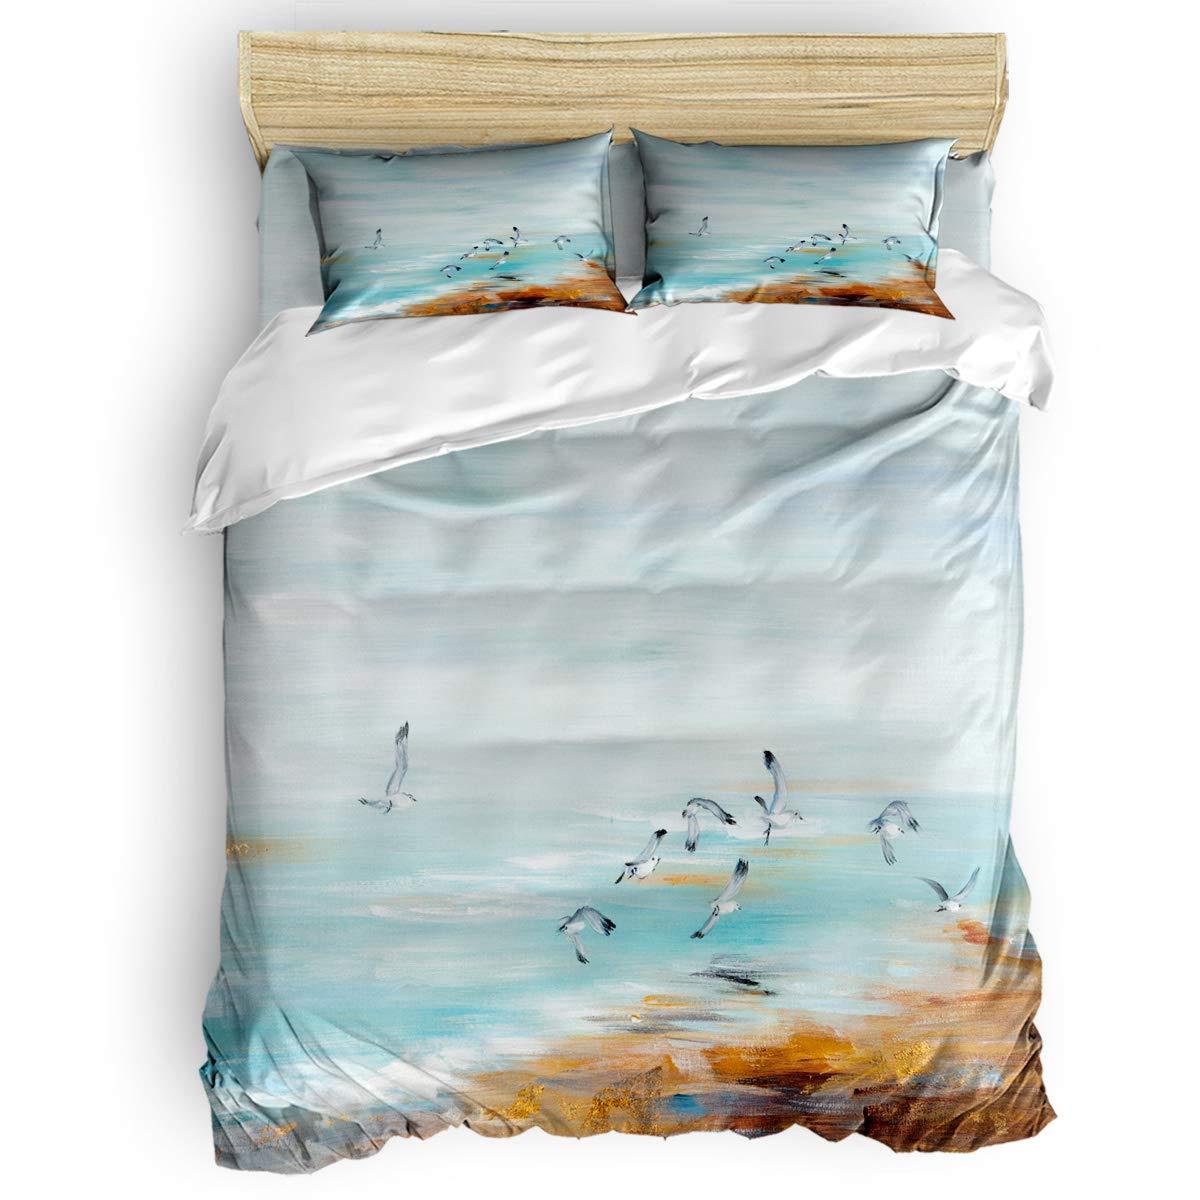 掛け布団カバー 4点セット 美しい海面の夕日 寝具カバーセット ベッド用 べッドシーツ 枕カバー 洋式 和式兼用 布団カバー 肌に優しい 羽毛布団セット 100%ポリエステル キング B07THBMSFZ Sand seagullLAS9533 キング